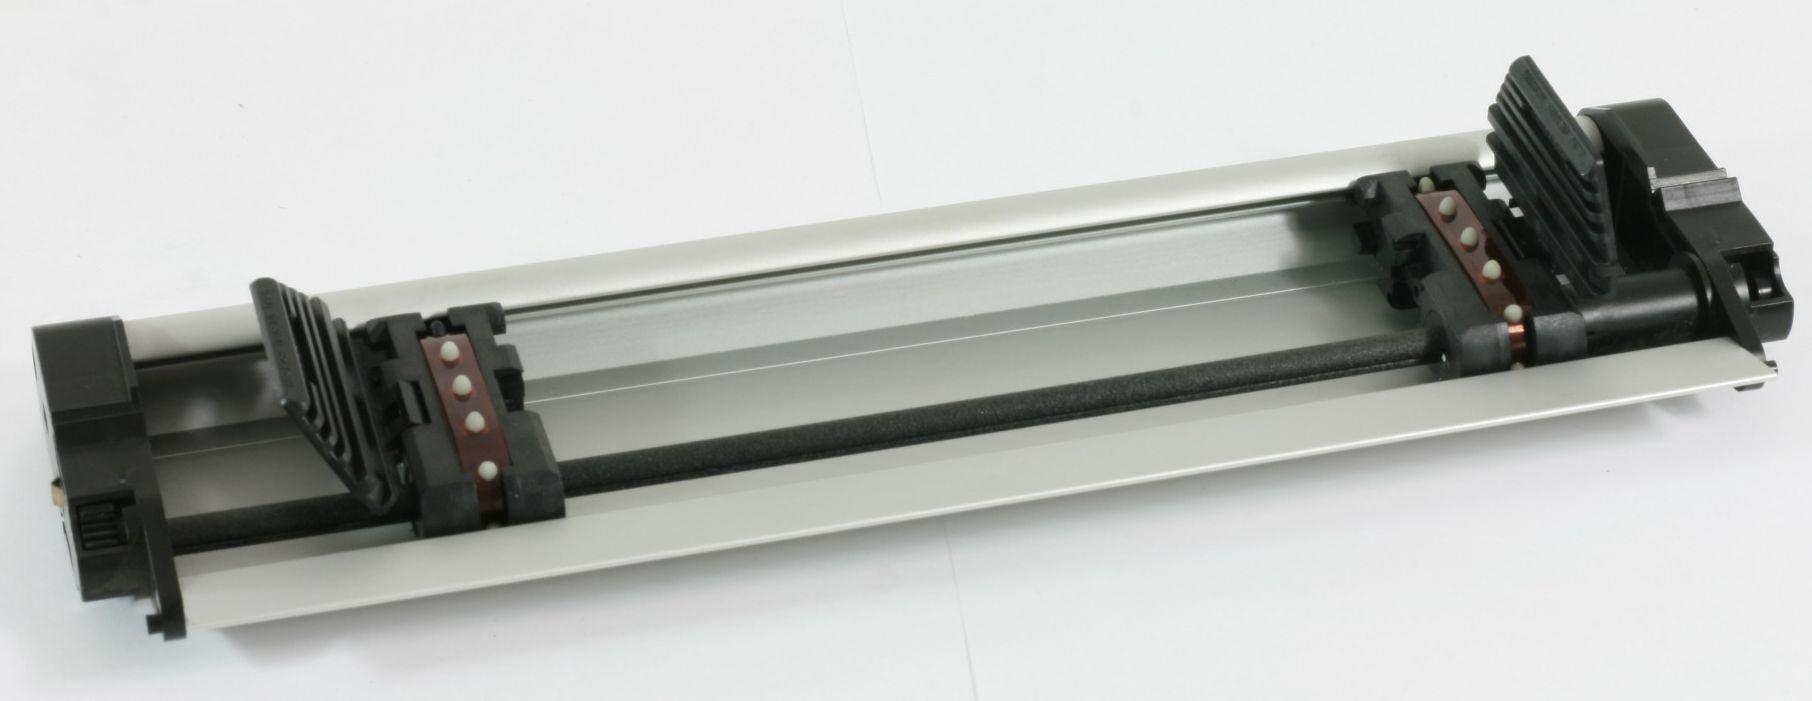 PSI 8707-330-90501 Traktor Kassette für PP803 - Matrixdrucker gebraucht